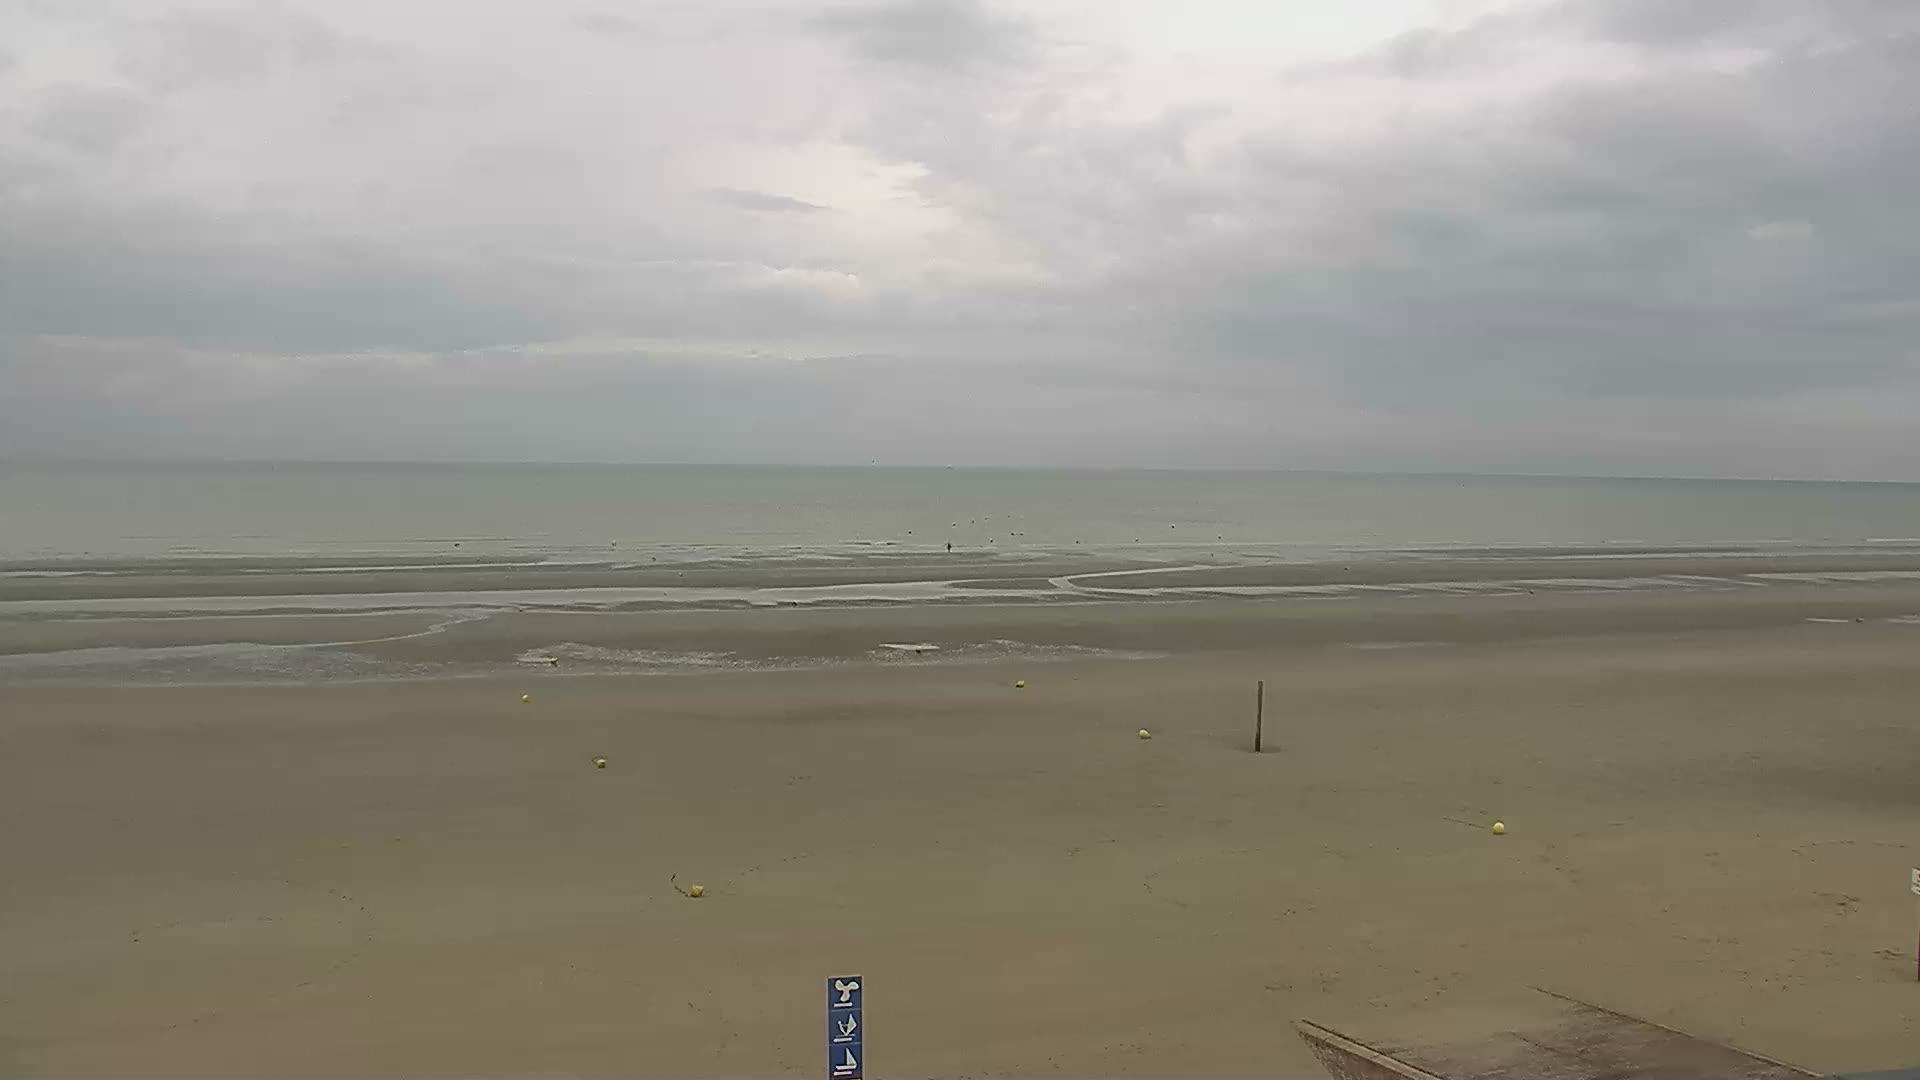 Dunkirk Sun. 09:26